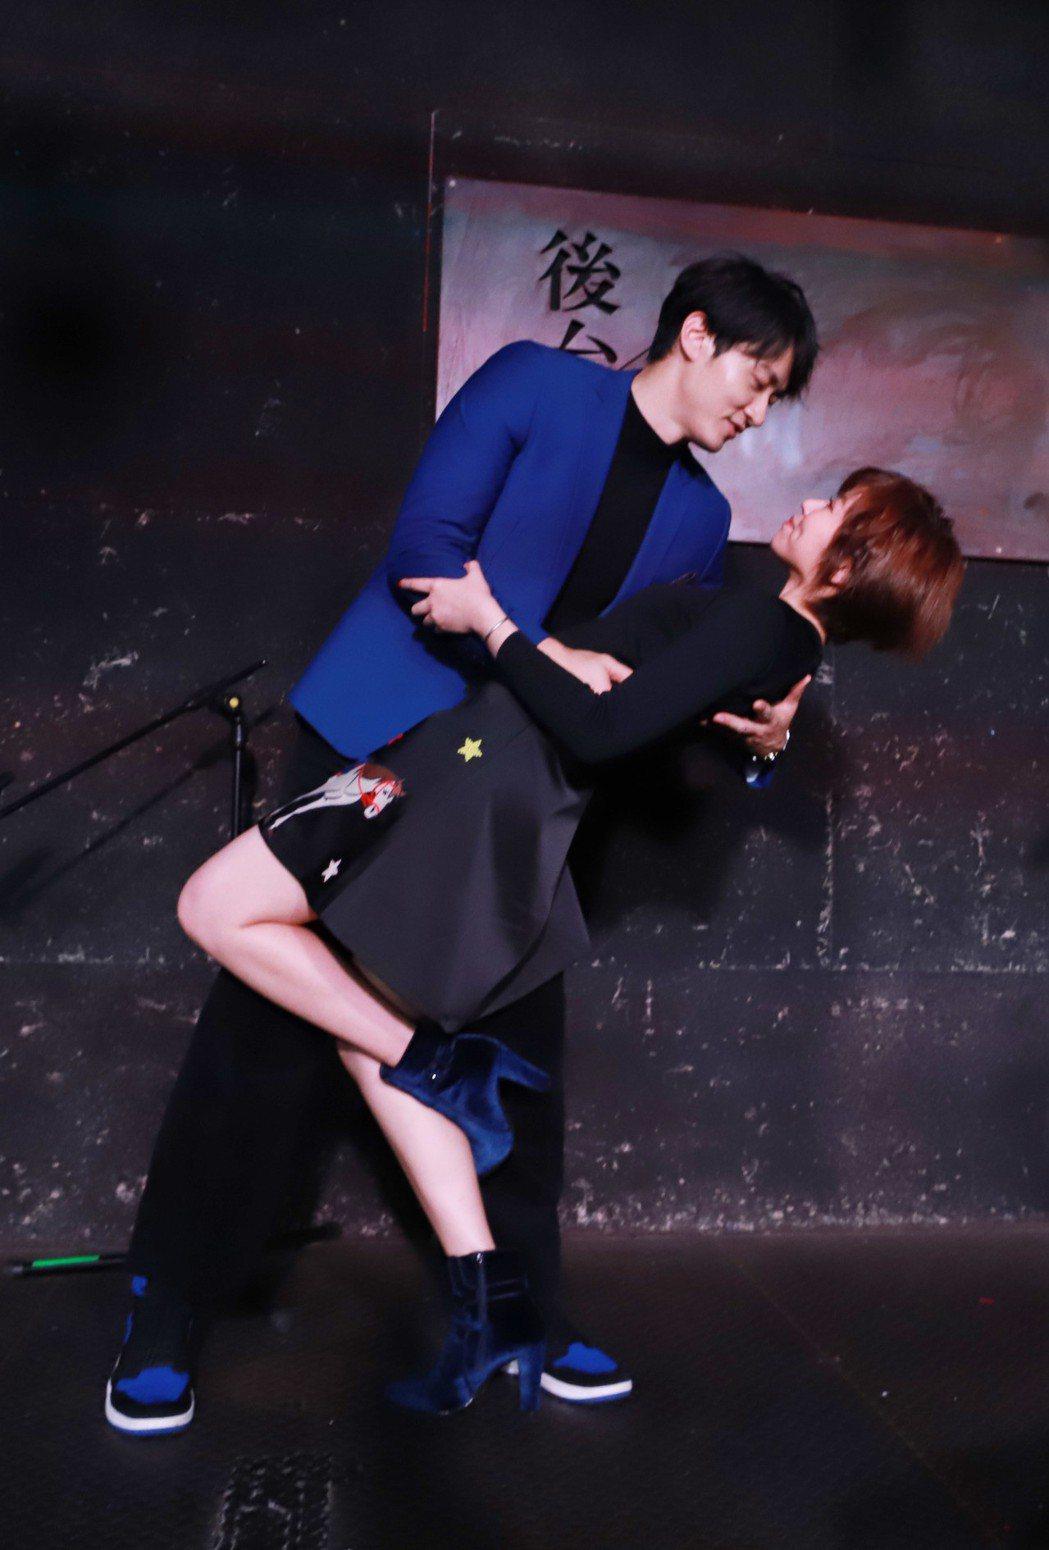 馬俊麟抱「大時代」戲中曖昧對象王瞳下腰。圖/民視提供